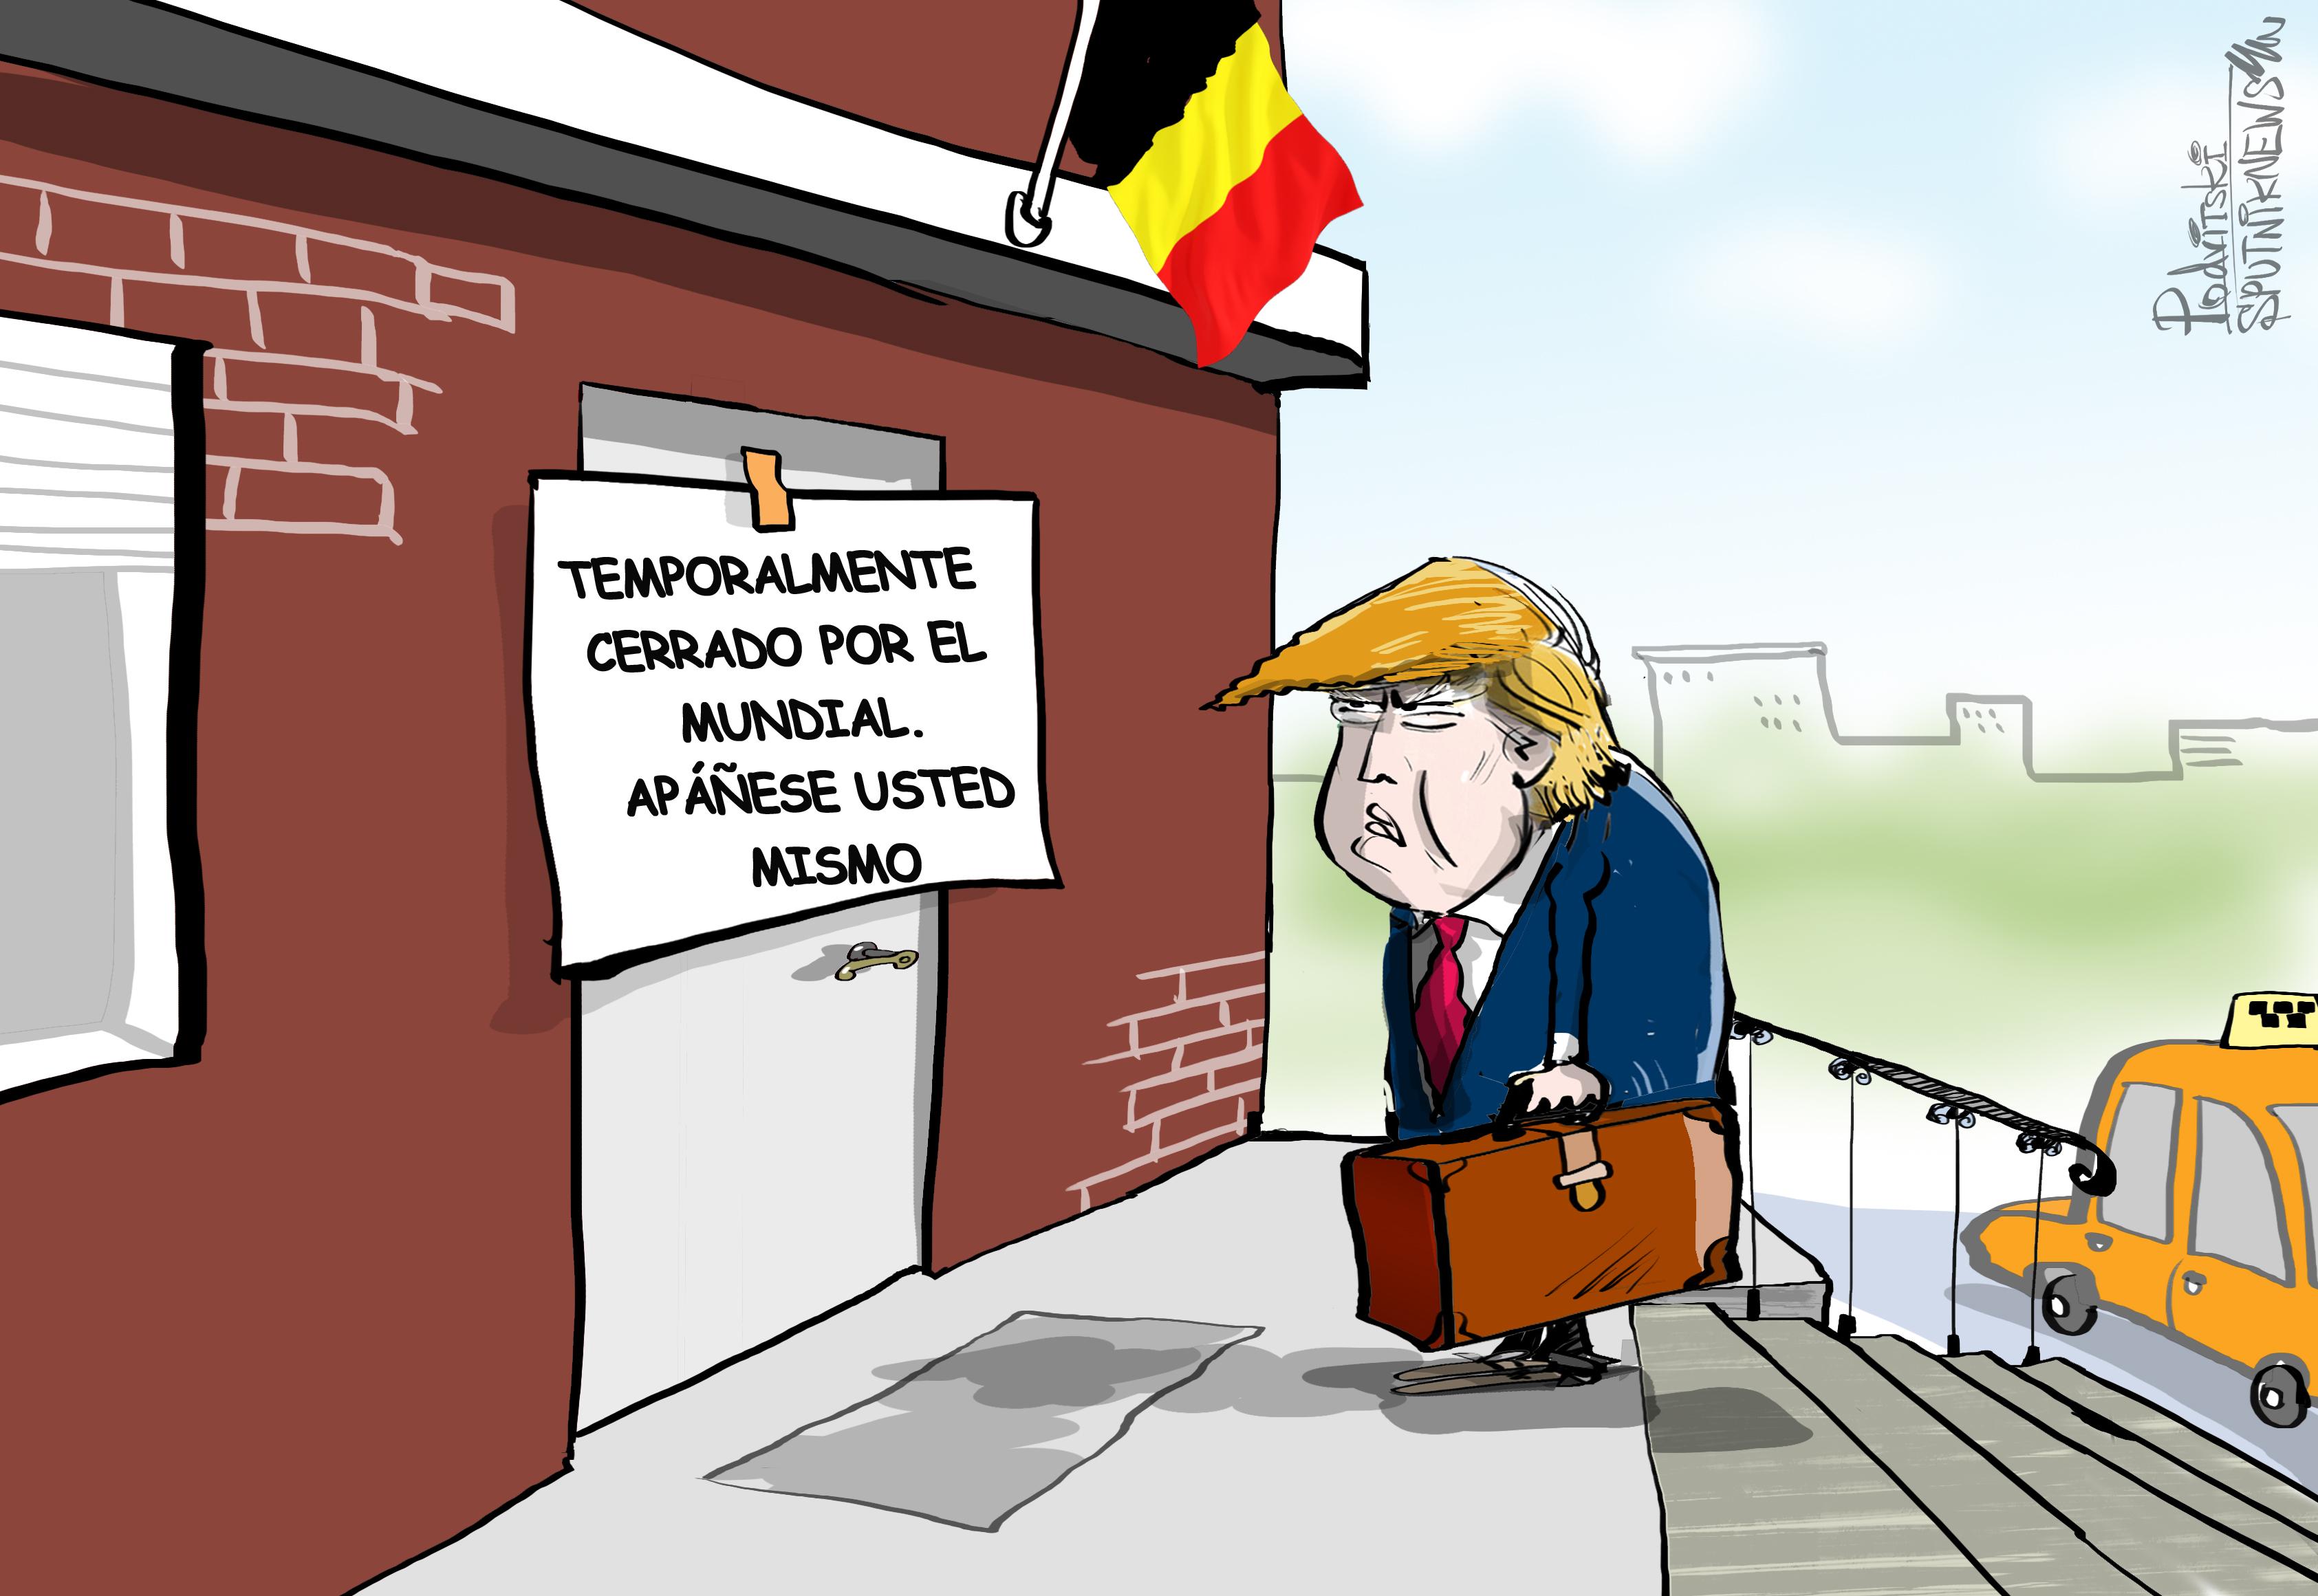 Todos se marcharon a Rusia: Trump recibe una 'calurosa bienvenida' en Bruselas